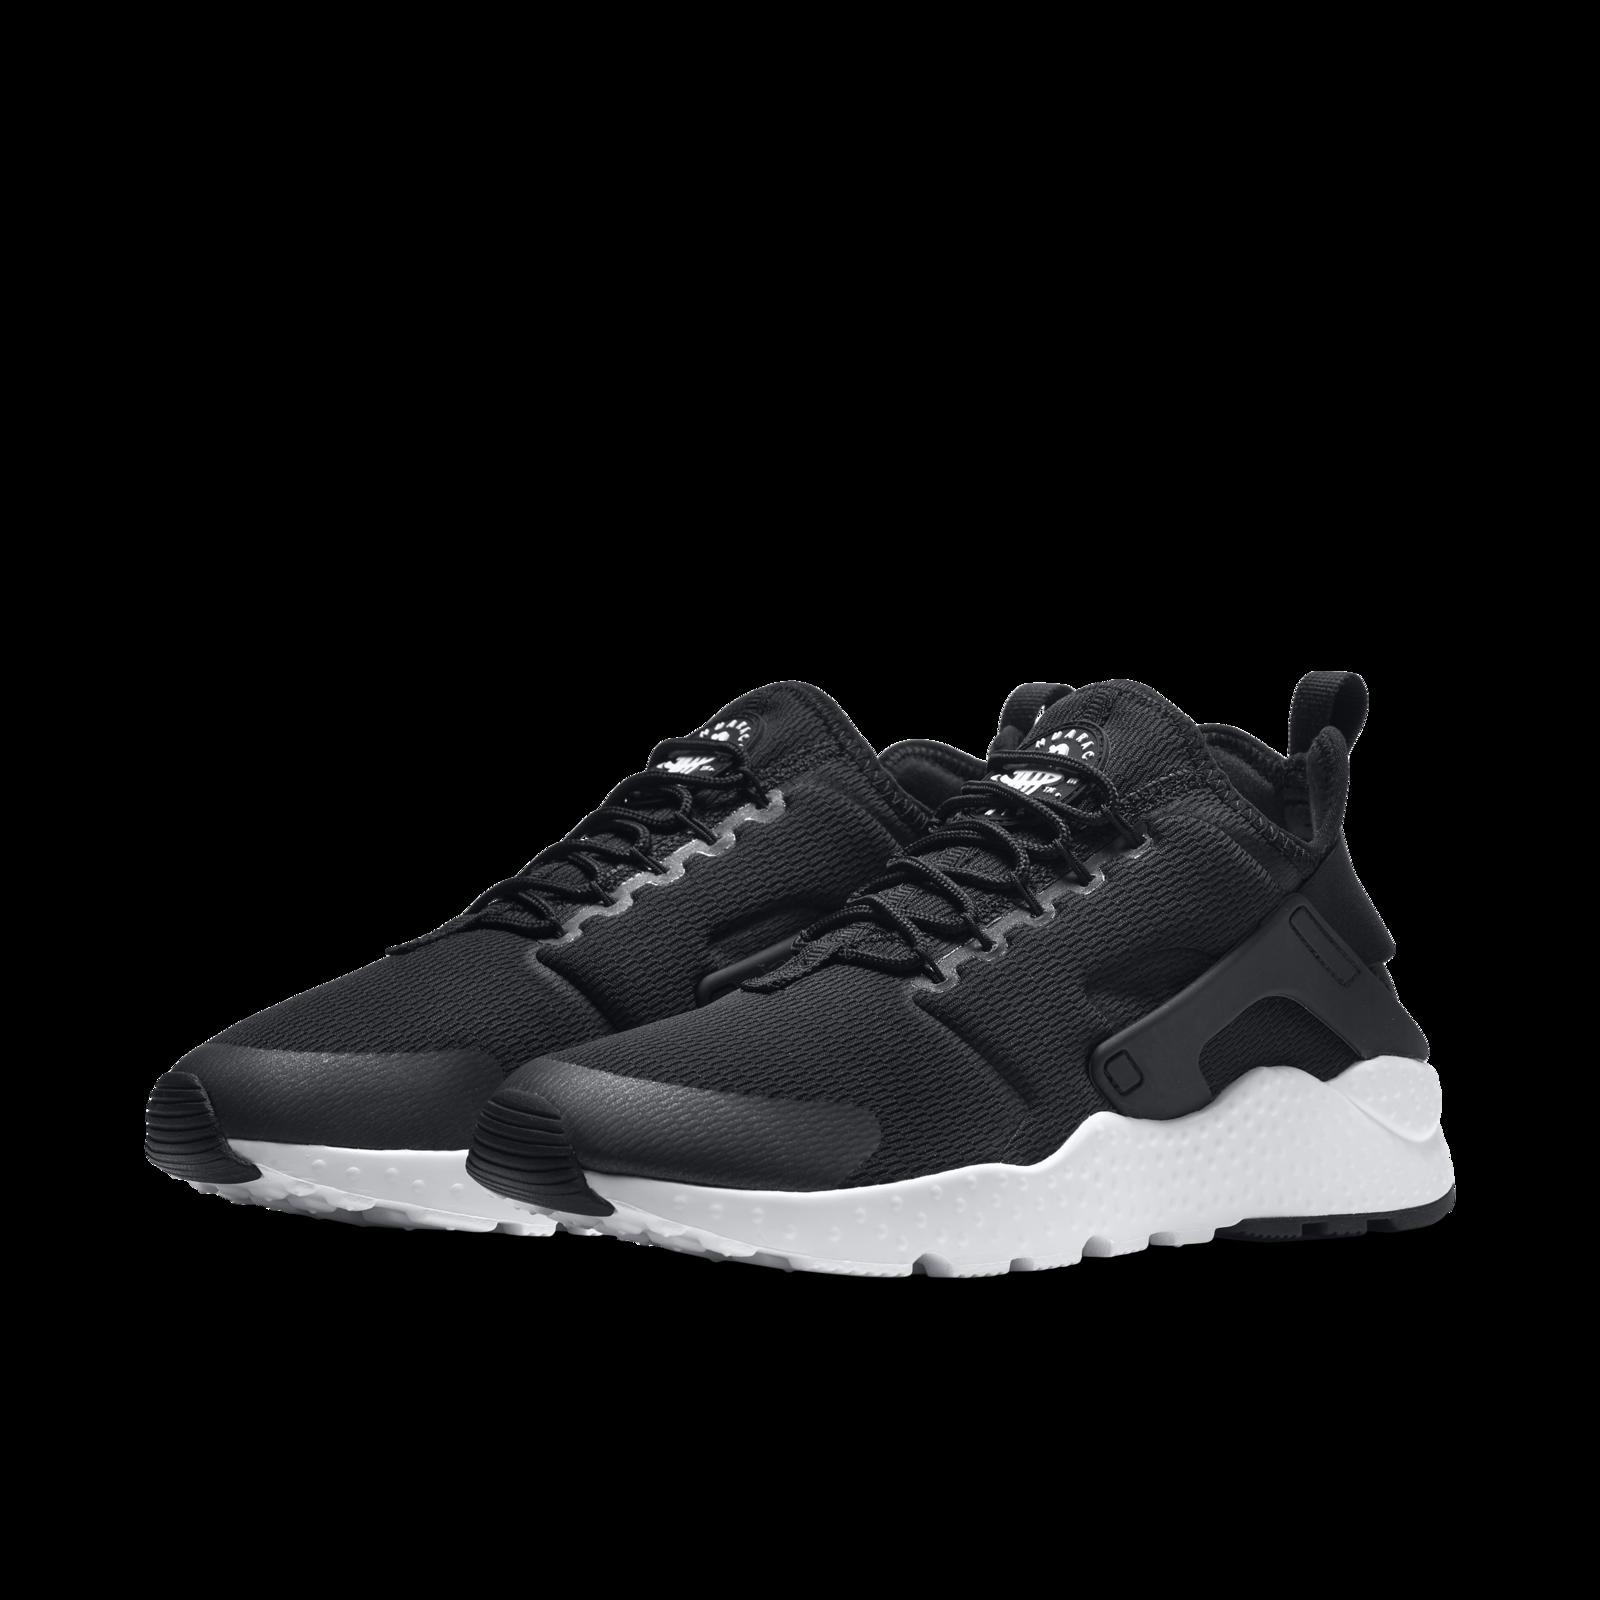 | 819151 008 Nike Air Huarache Run Ultra